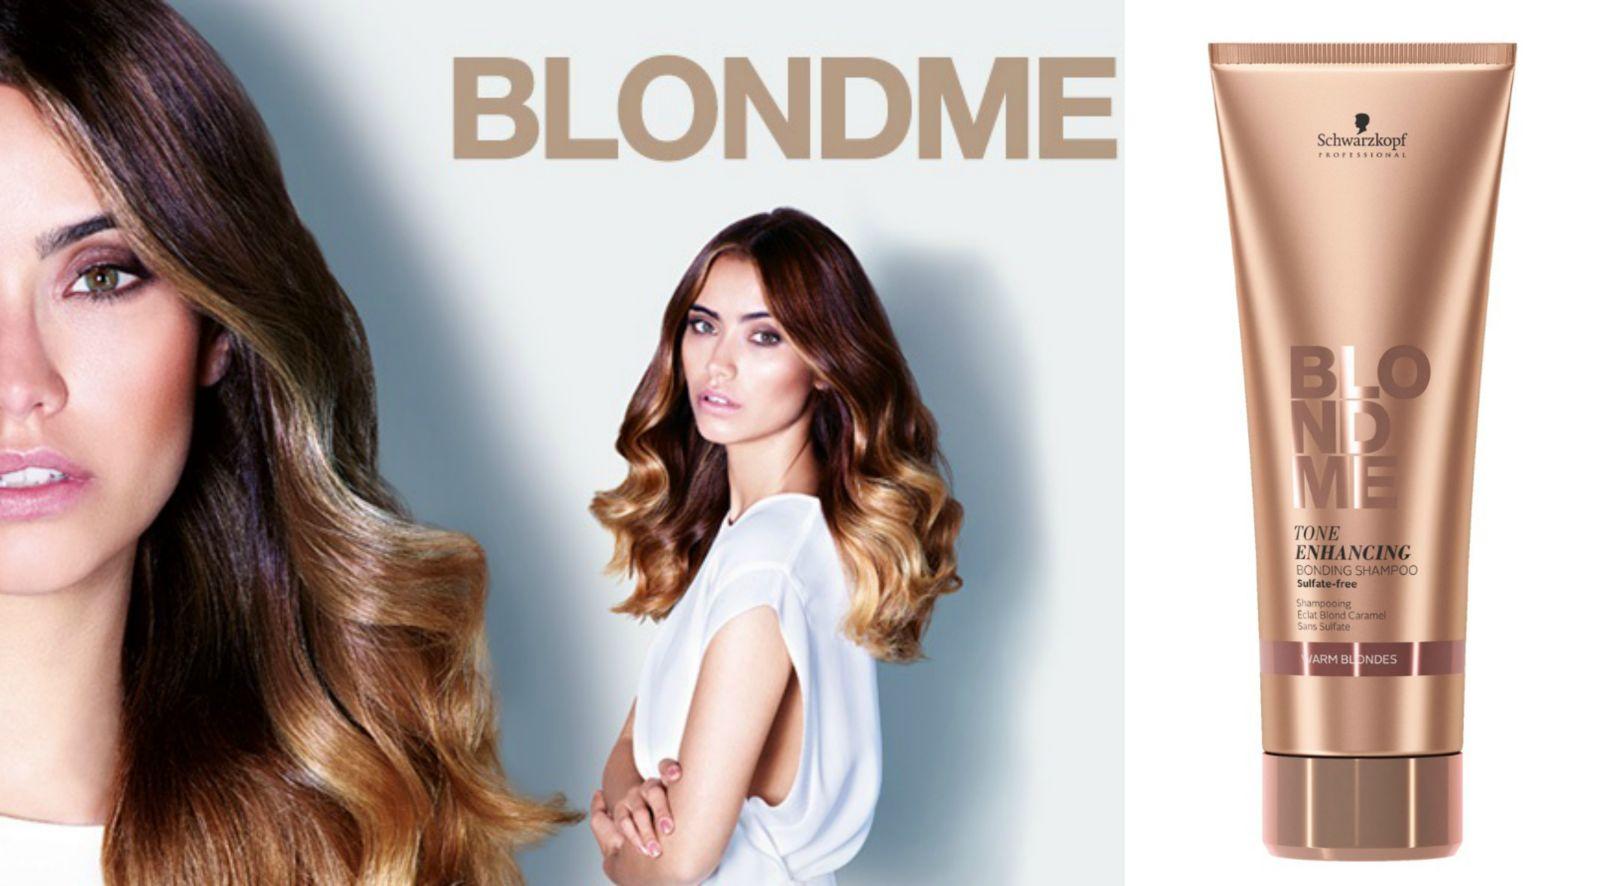 schwarzkopf blondme szőkítő, schwarzkopf blondme hajfesték, blondme színskála, blondme termékek, schwarzkopf blondme strawberry, schwarzkopf blondme spray, schwarzkopf blondme instant blush, blondme ice, fodrász, fodrászat, bwnet, fodrászszalon, fodrász budapest, schwarzkopf blondme szőkítő, schwarzkopf blondme sampon, blondme 9+, schwarzkopf blondme termékek, online bejelentkezés, online időpontfoglalás, szőke töredezett haj ápolása, festett szőke haj ápolása, szőke haj ápolása